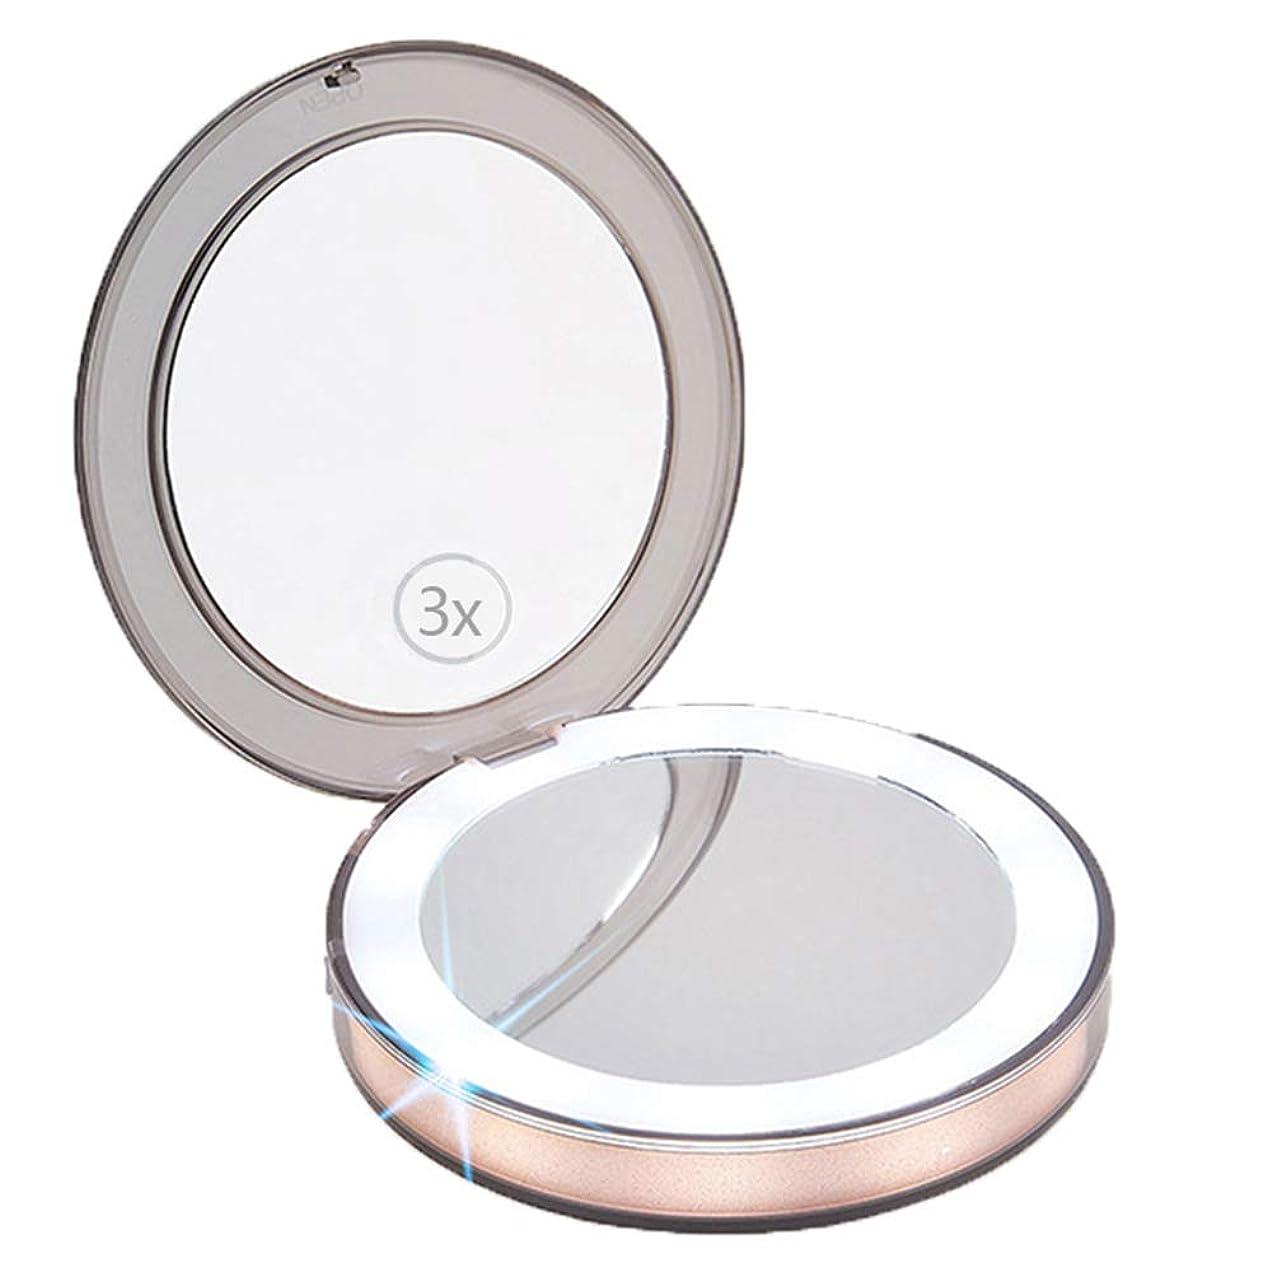 確率炭素定期的なMagic Hue 化粧鏡 化粧ミラー 携带ミラー LED付き 3倍拡大鏡付き 明るさ調節可能 120°回転 400mA USB充電 蓄電可能 手鏡 折り畳み式 外出 旅行用 通勤用 便利 手鏡 おしゃれ プレゼント